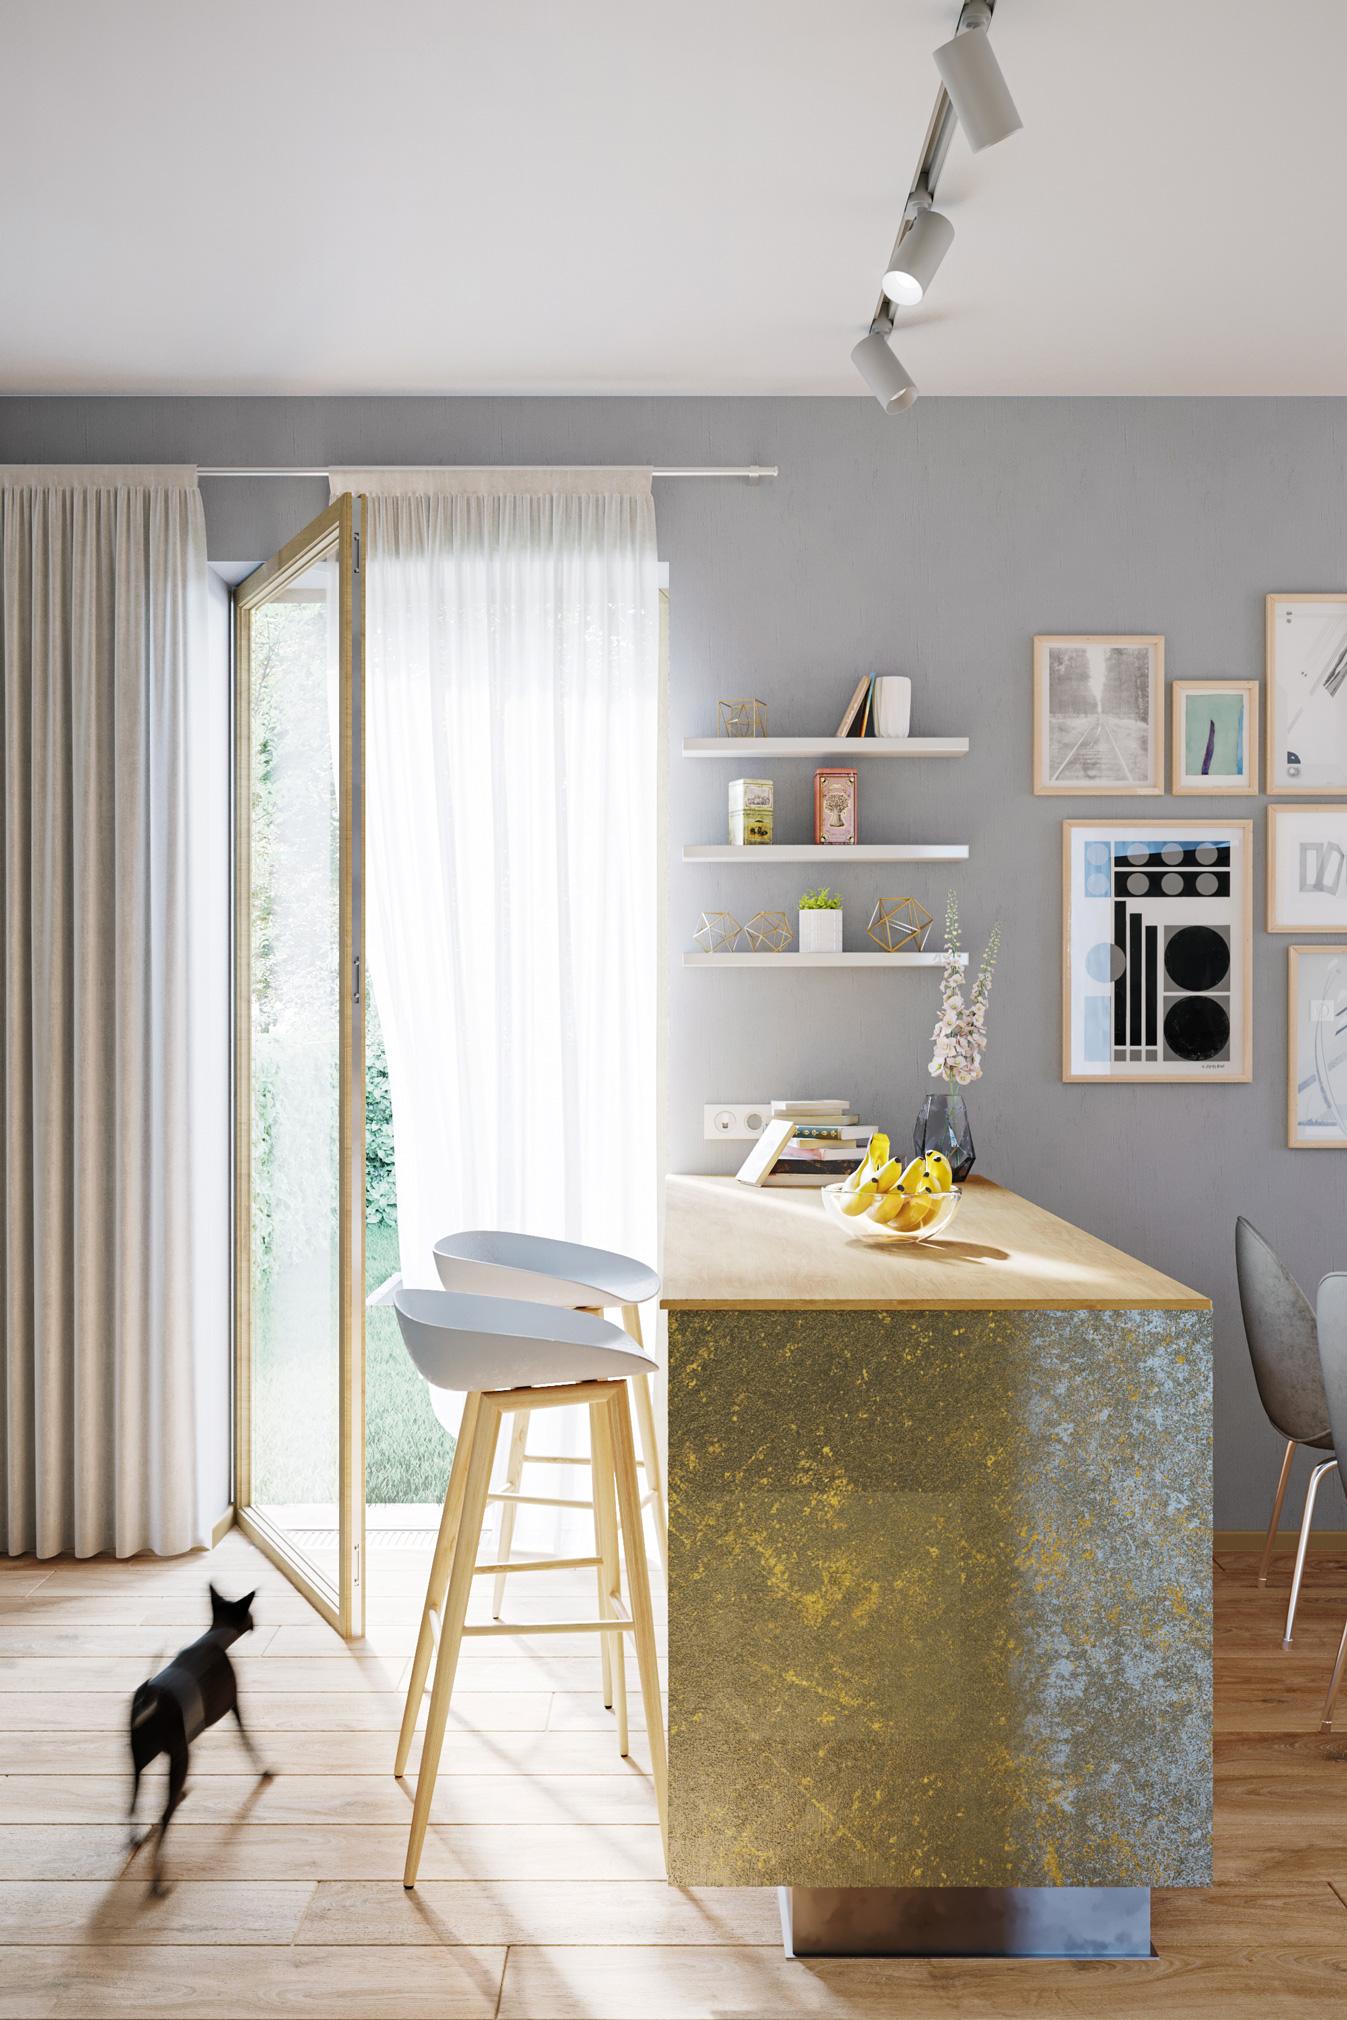 2DR_studio_200319_Garden-apartments_Opava_Rudolfs_002